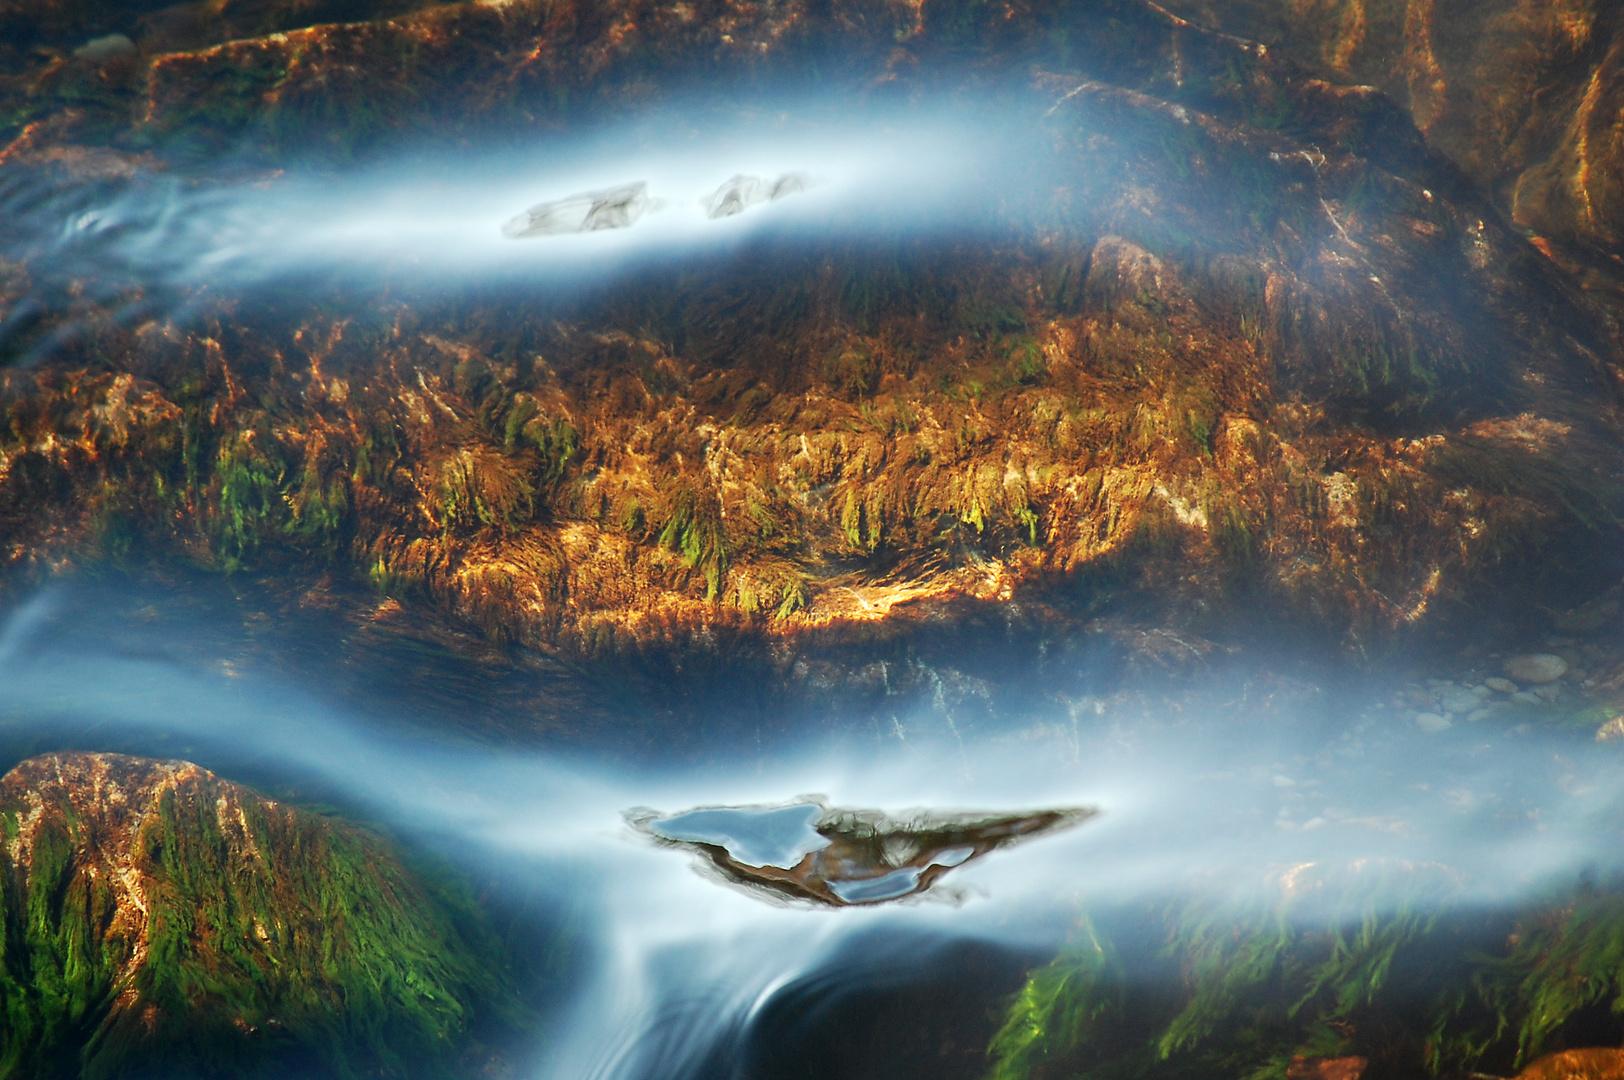 Erde von oben: Am Fluss